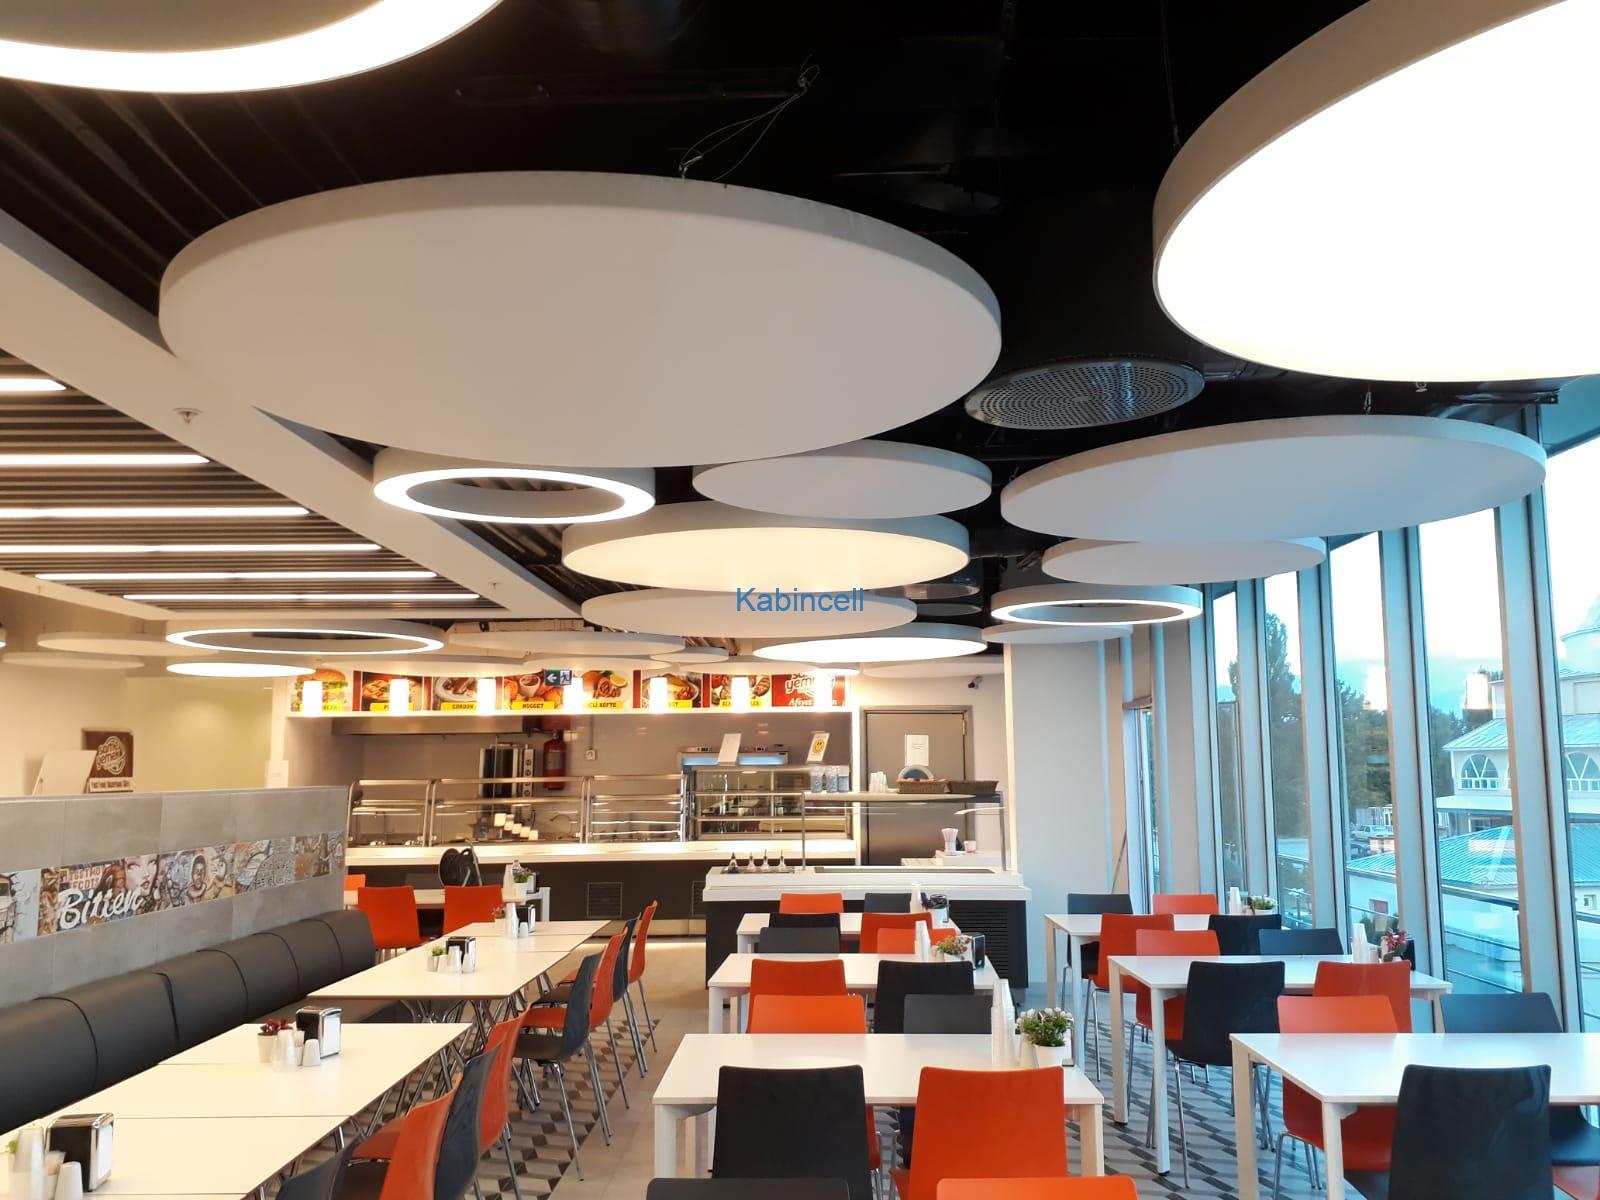 kanopi-akustik-tavan-paneli-yuzer-sarkit-kanopi-panel-teknikakustik-3